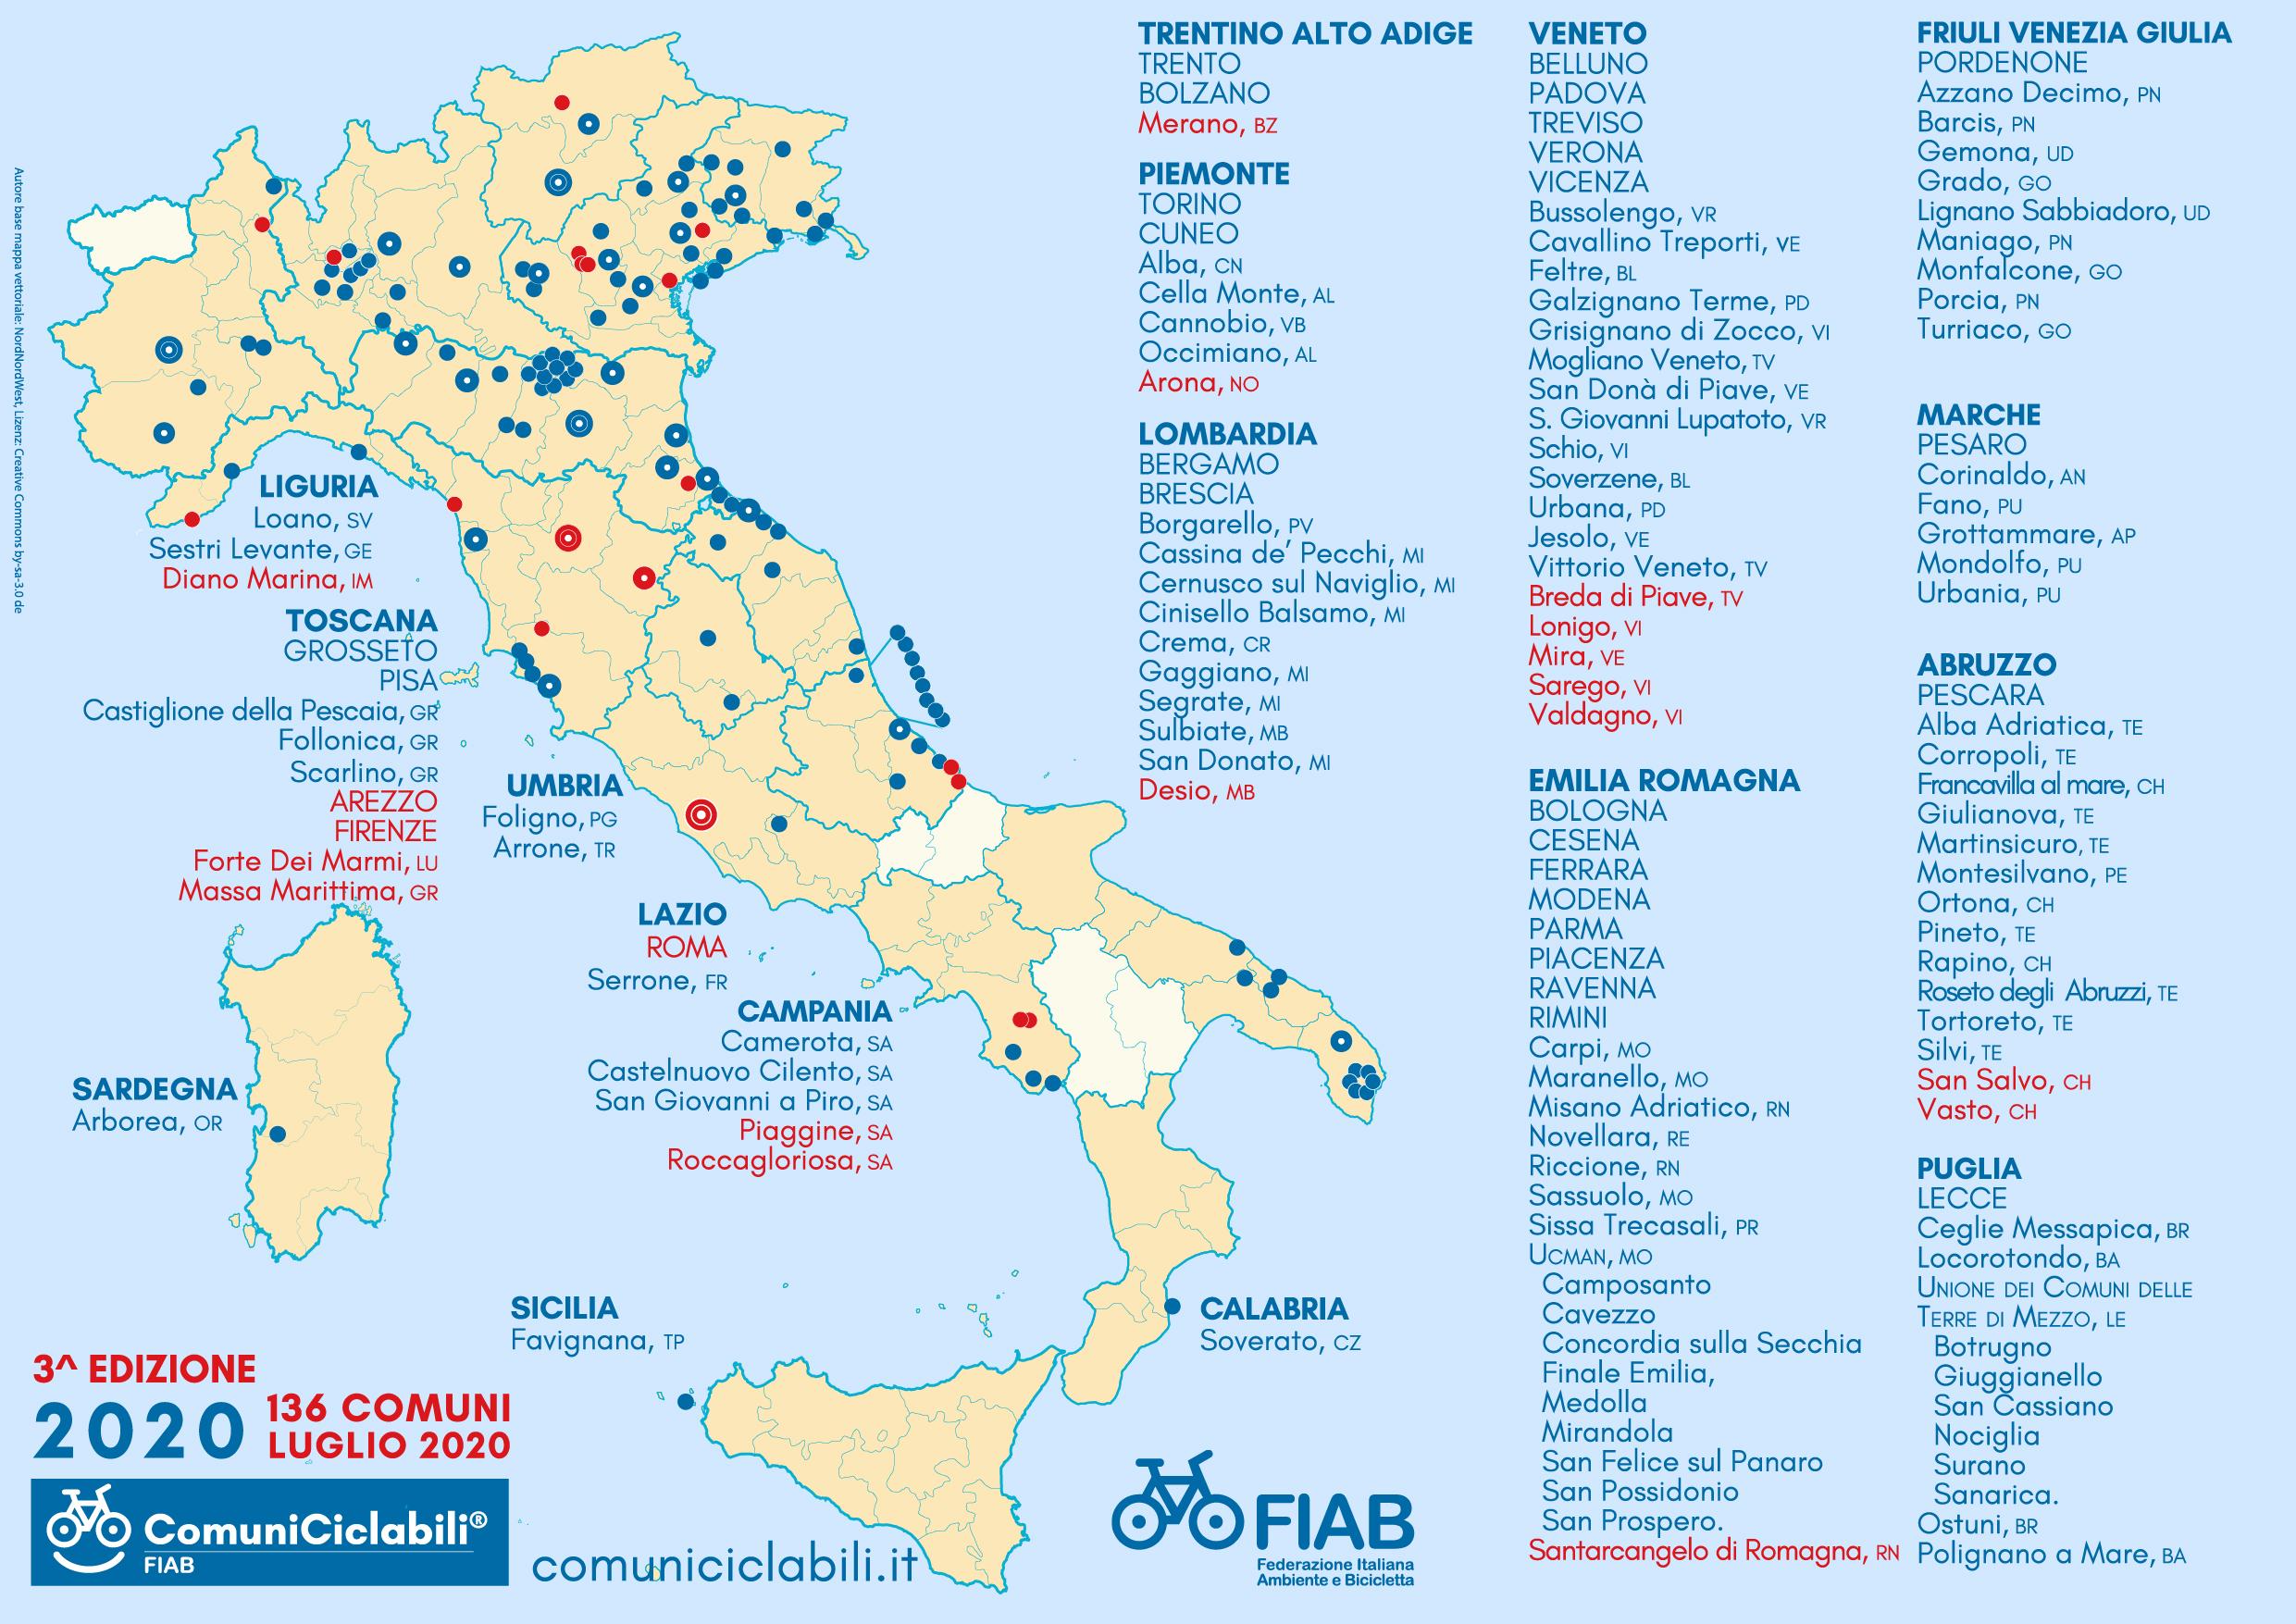 ComuniCiclabili Bandiera Gialla 01_a_mappa_FIAB_ComuniCiclabili_terza_edizione_2020_luglio